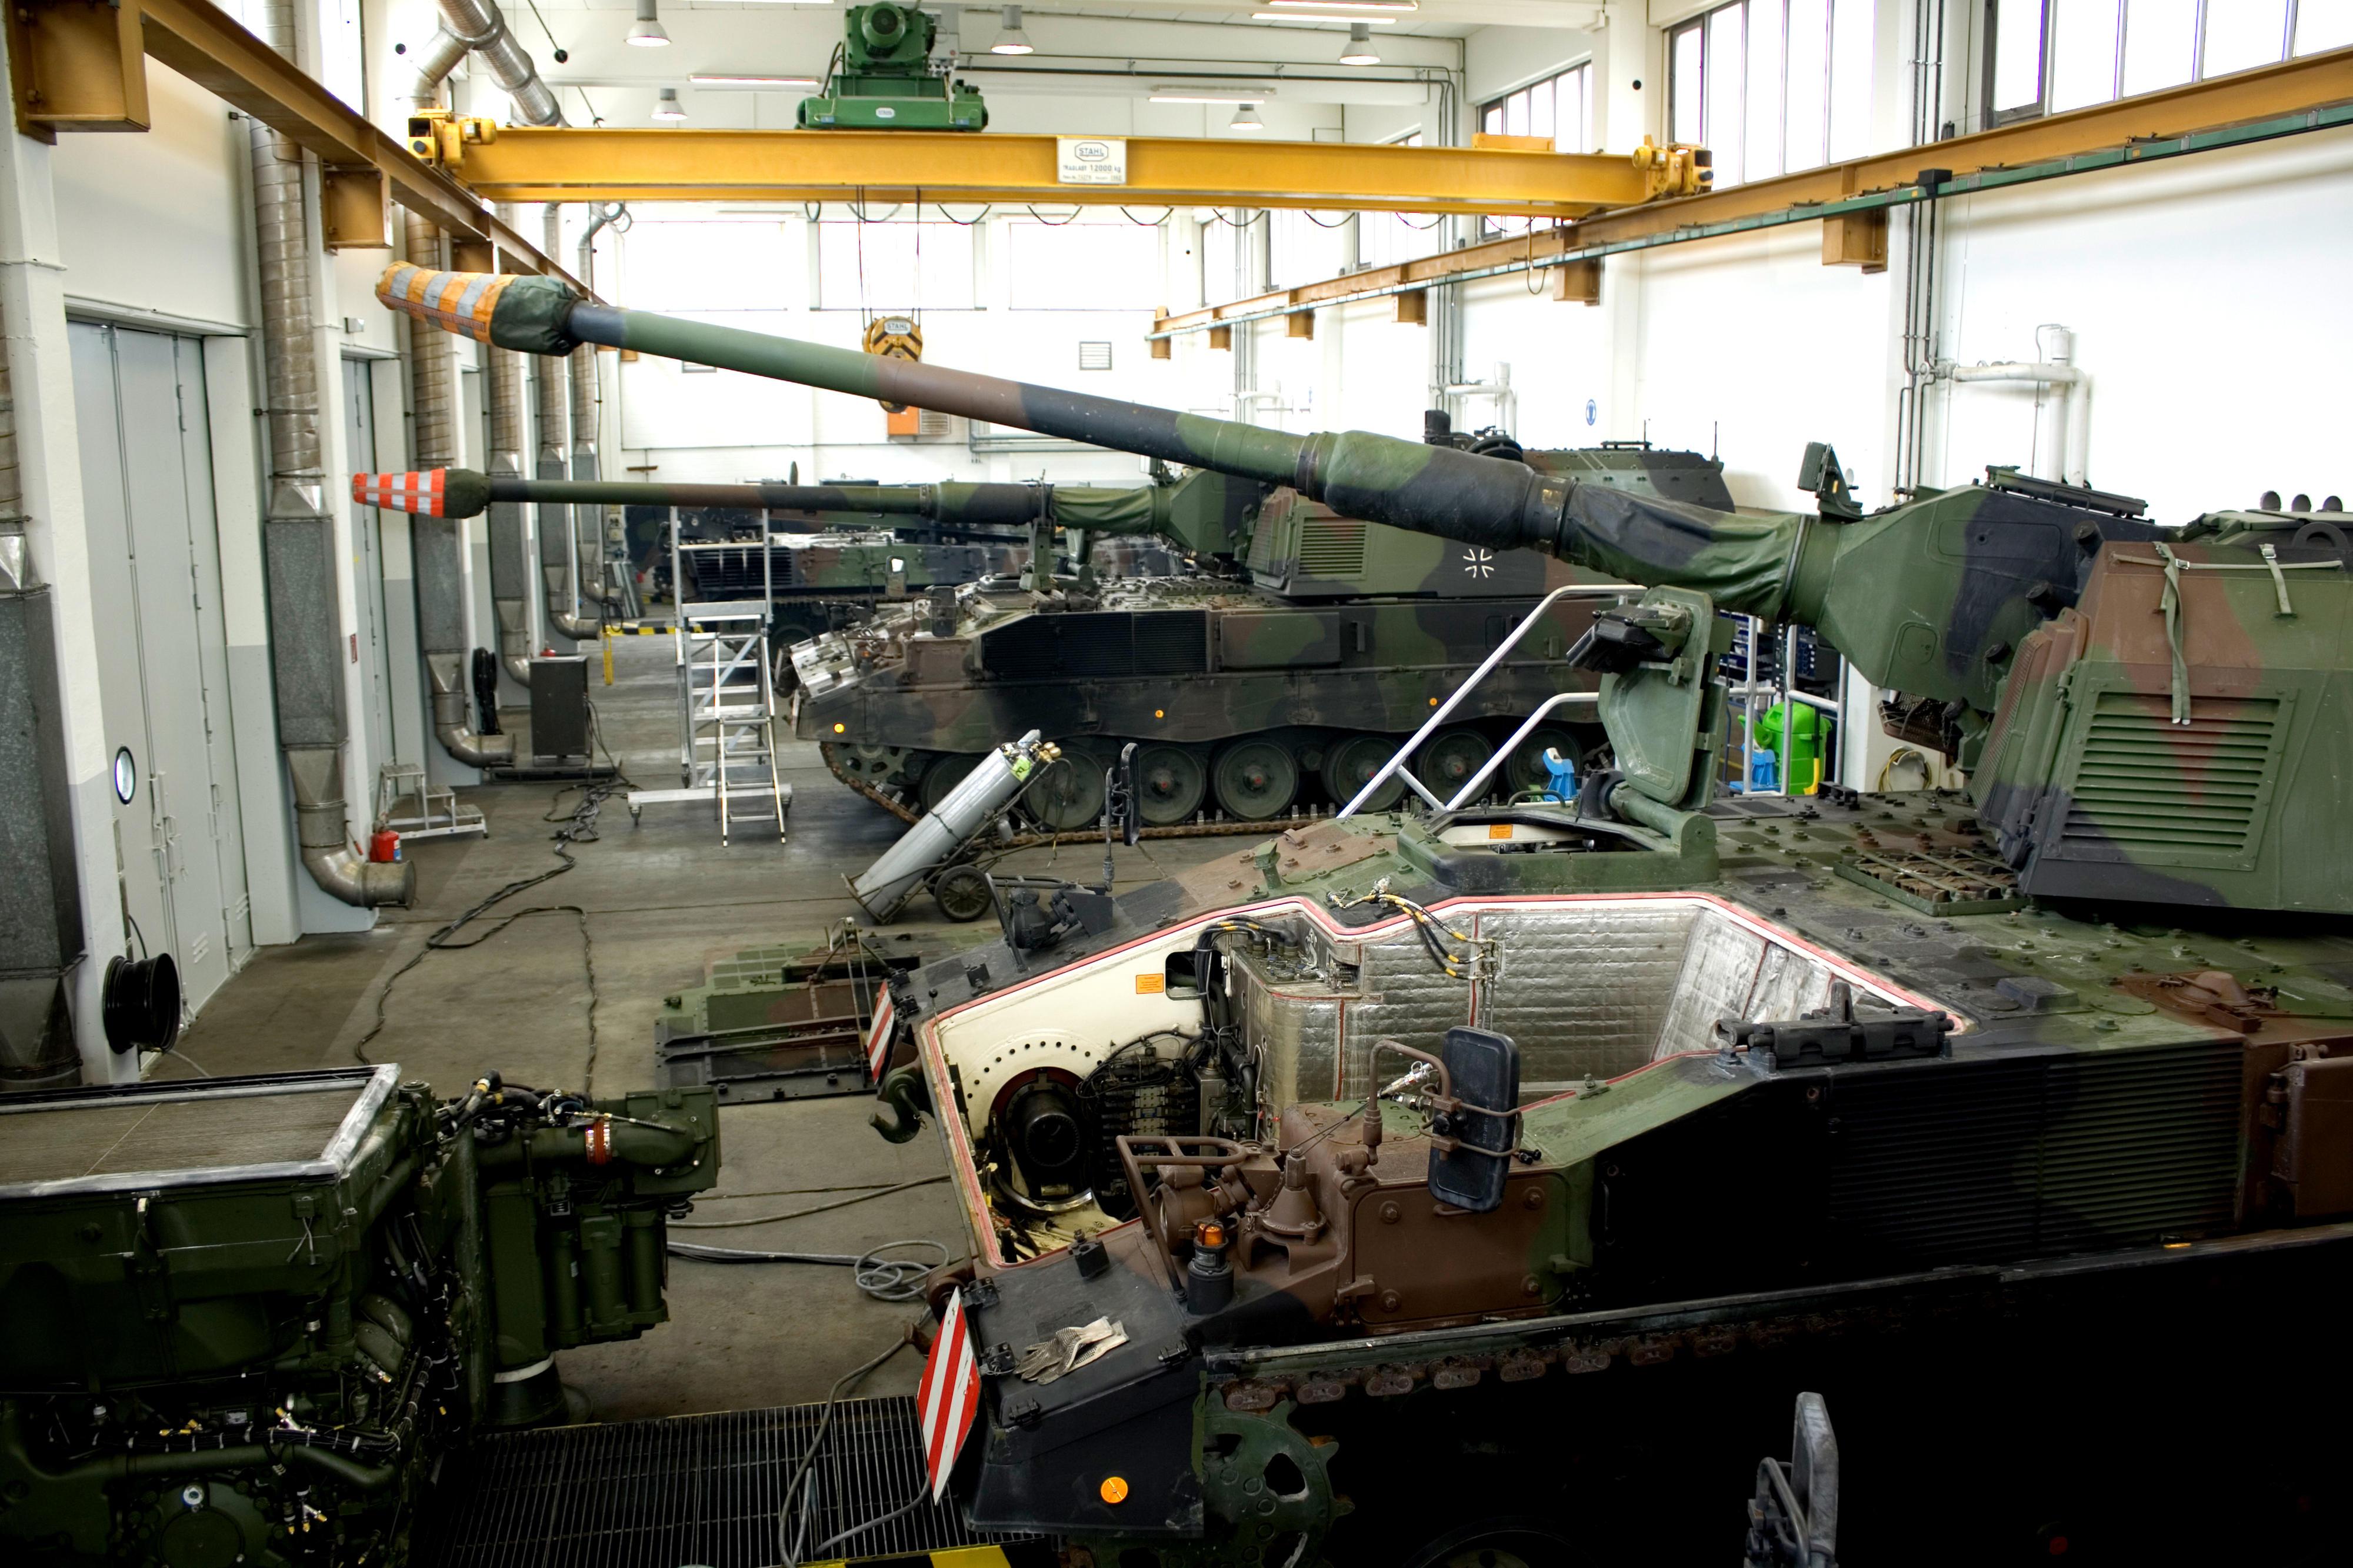 Panzerhaubitze 2000 in den Werkshallen der Heeresinstandsetzungslogistik GmbH (HIL) in Augustdorf. © Bundeswehr / DeCastro